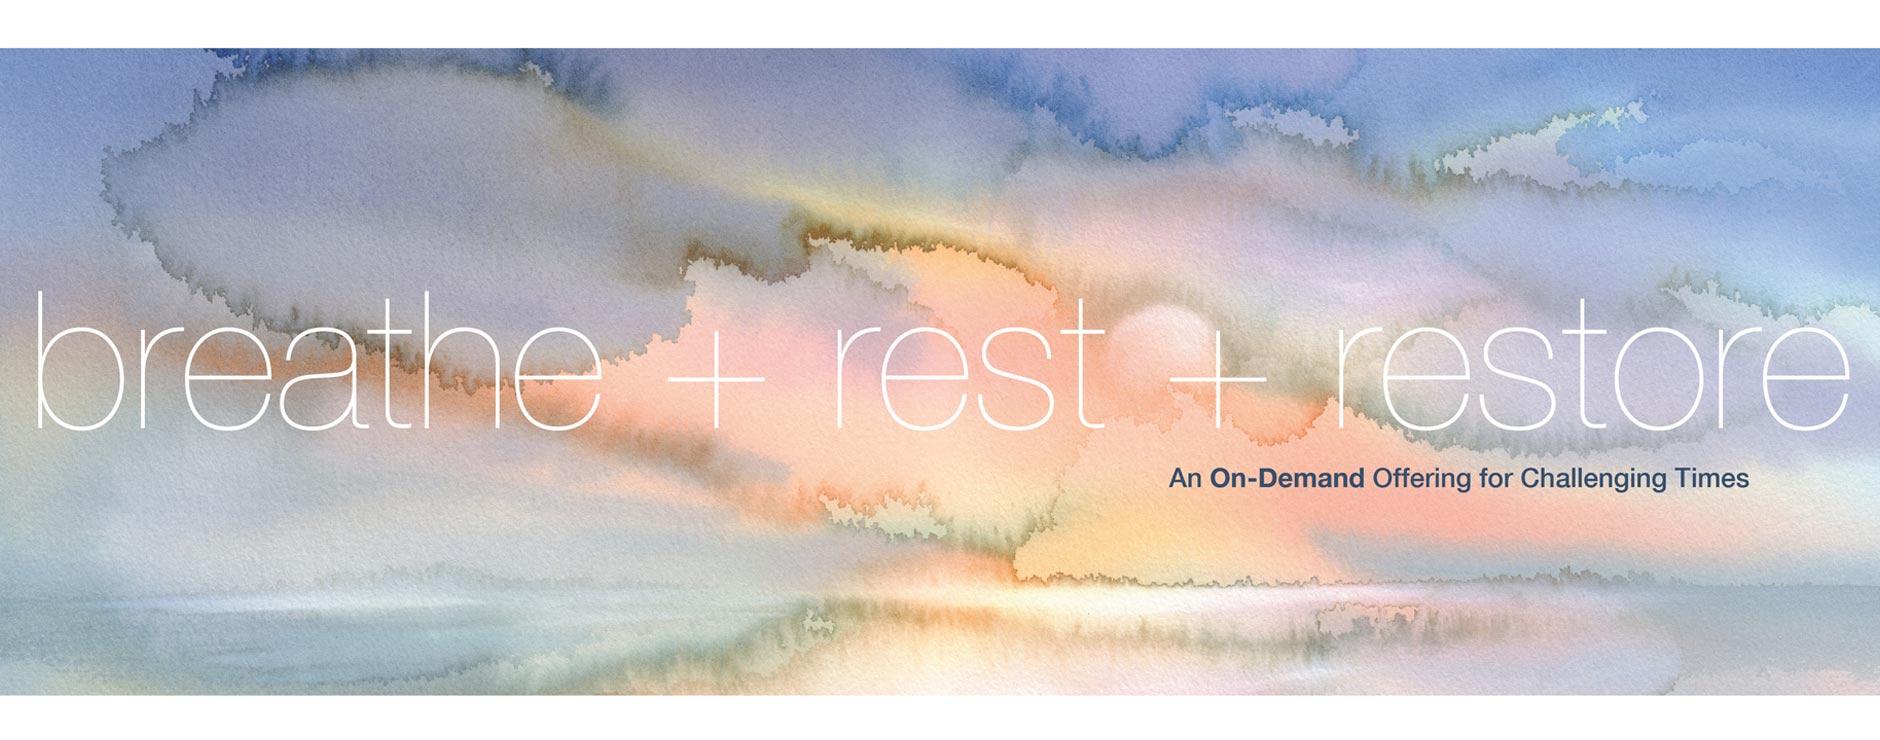 breathe rest restore online yoga on demand decatur